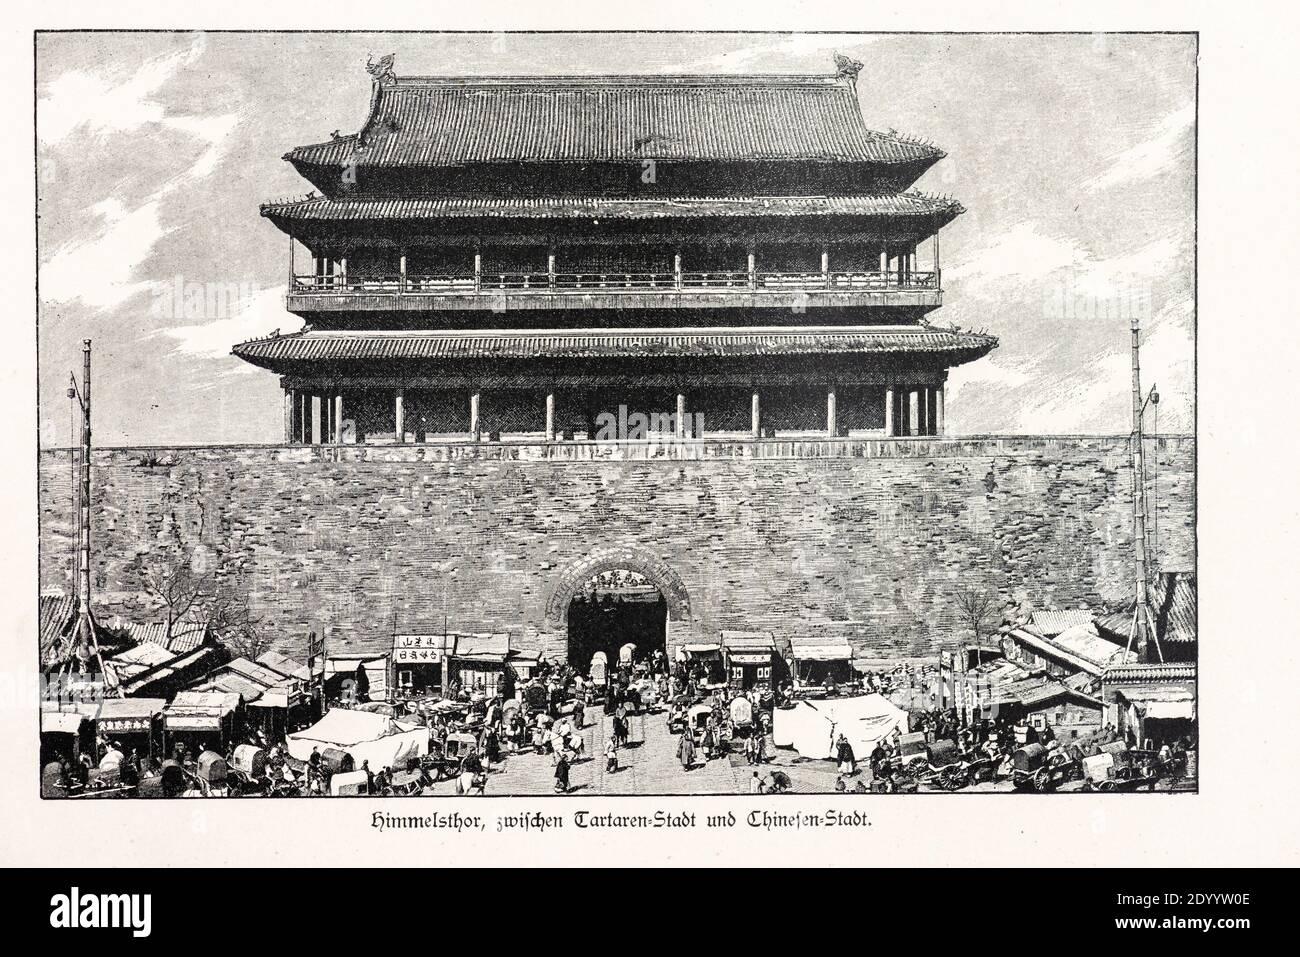 """""""Himmelstor, zwischen Tartaren- und Chinesen-Stadt"""" or """"Gates of Heaven"""" in Peking, IlIustration from """"Die Haupstädte der Welt"""", Breslau about 1897 Stock Photo"""